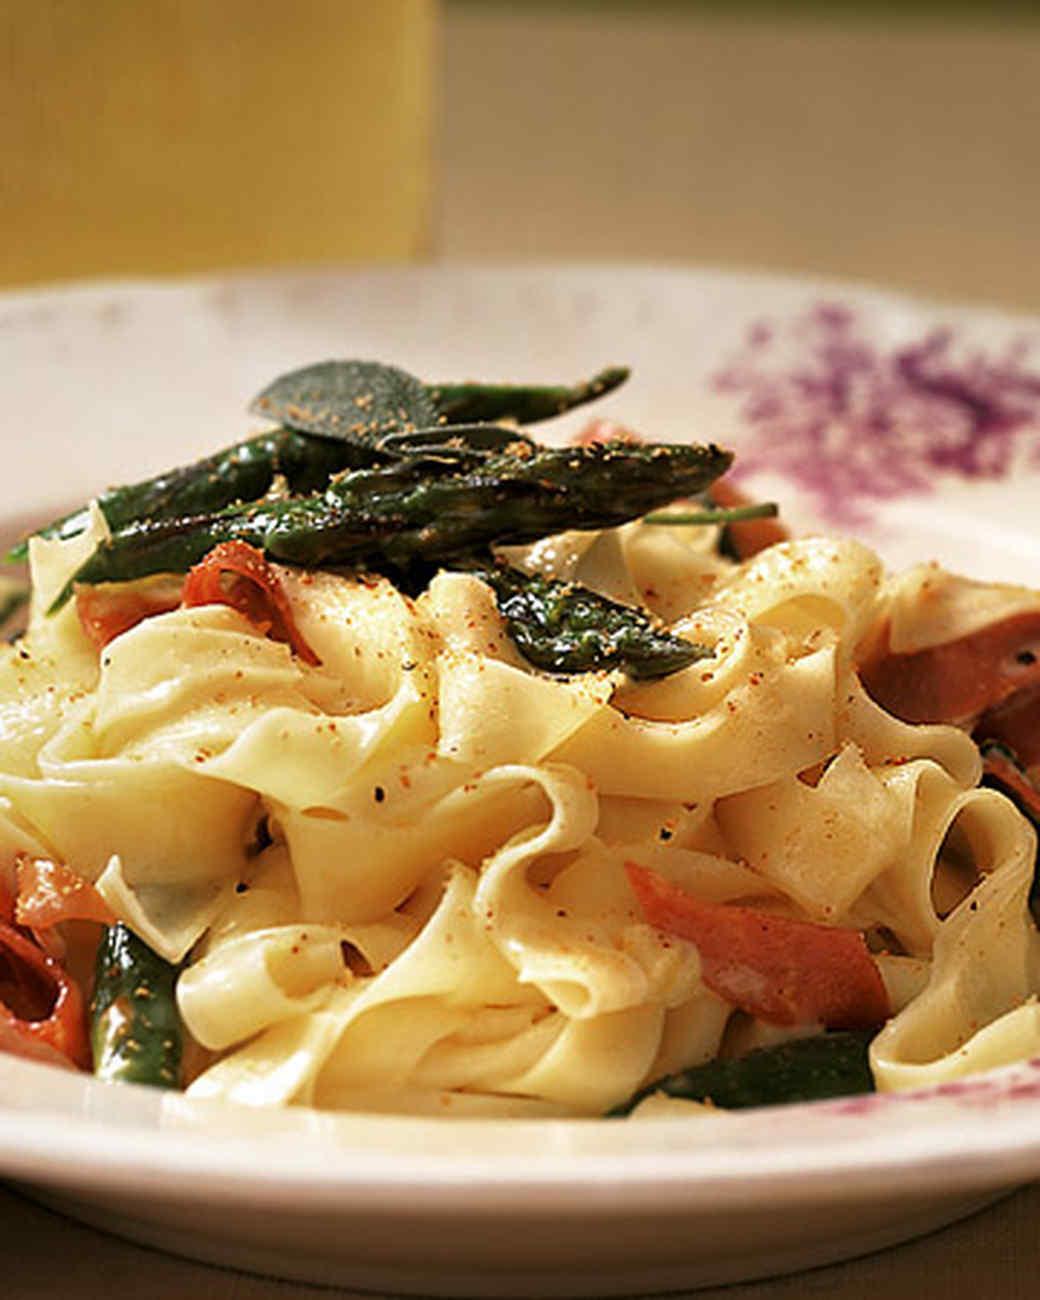 Tagliatelle with Prosciutto and Asparagus